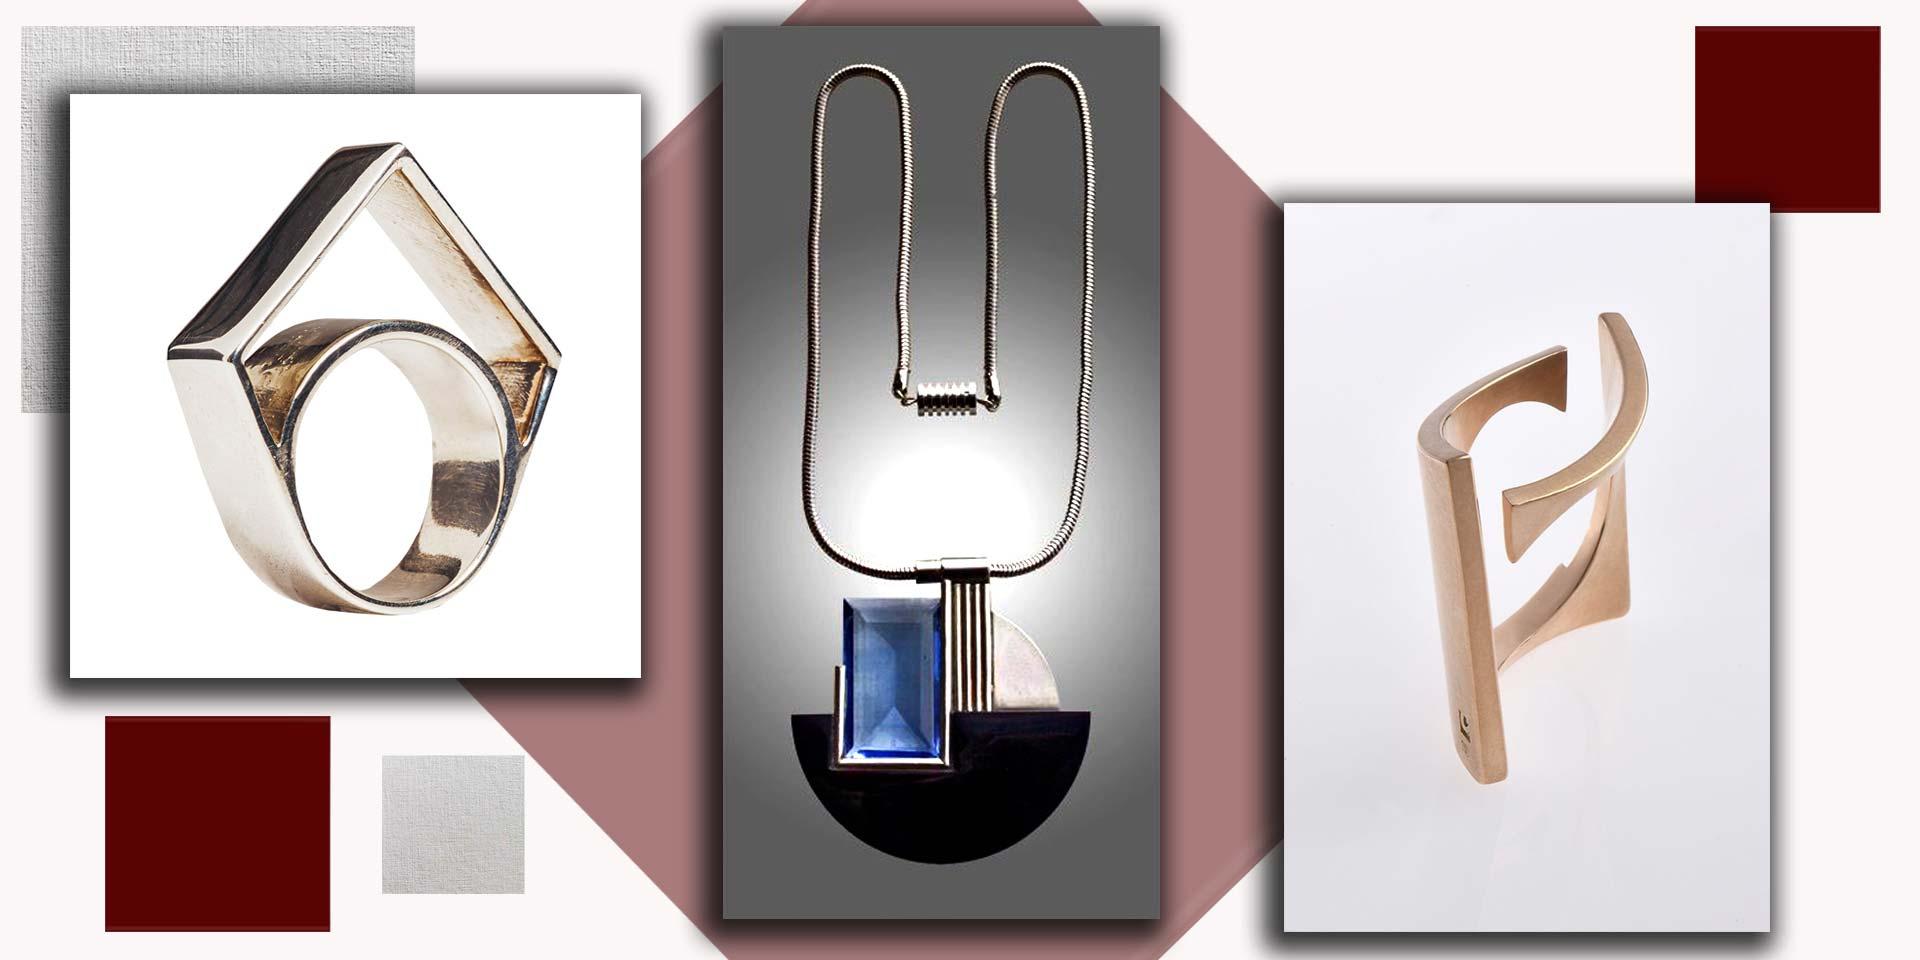 جواهرات مدرن چیست؟